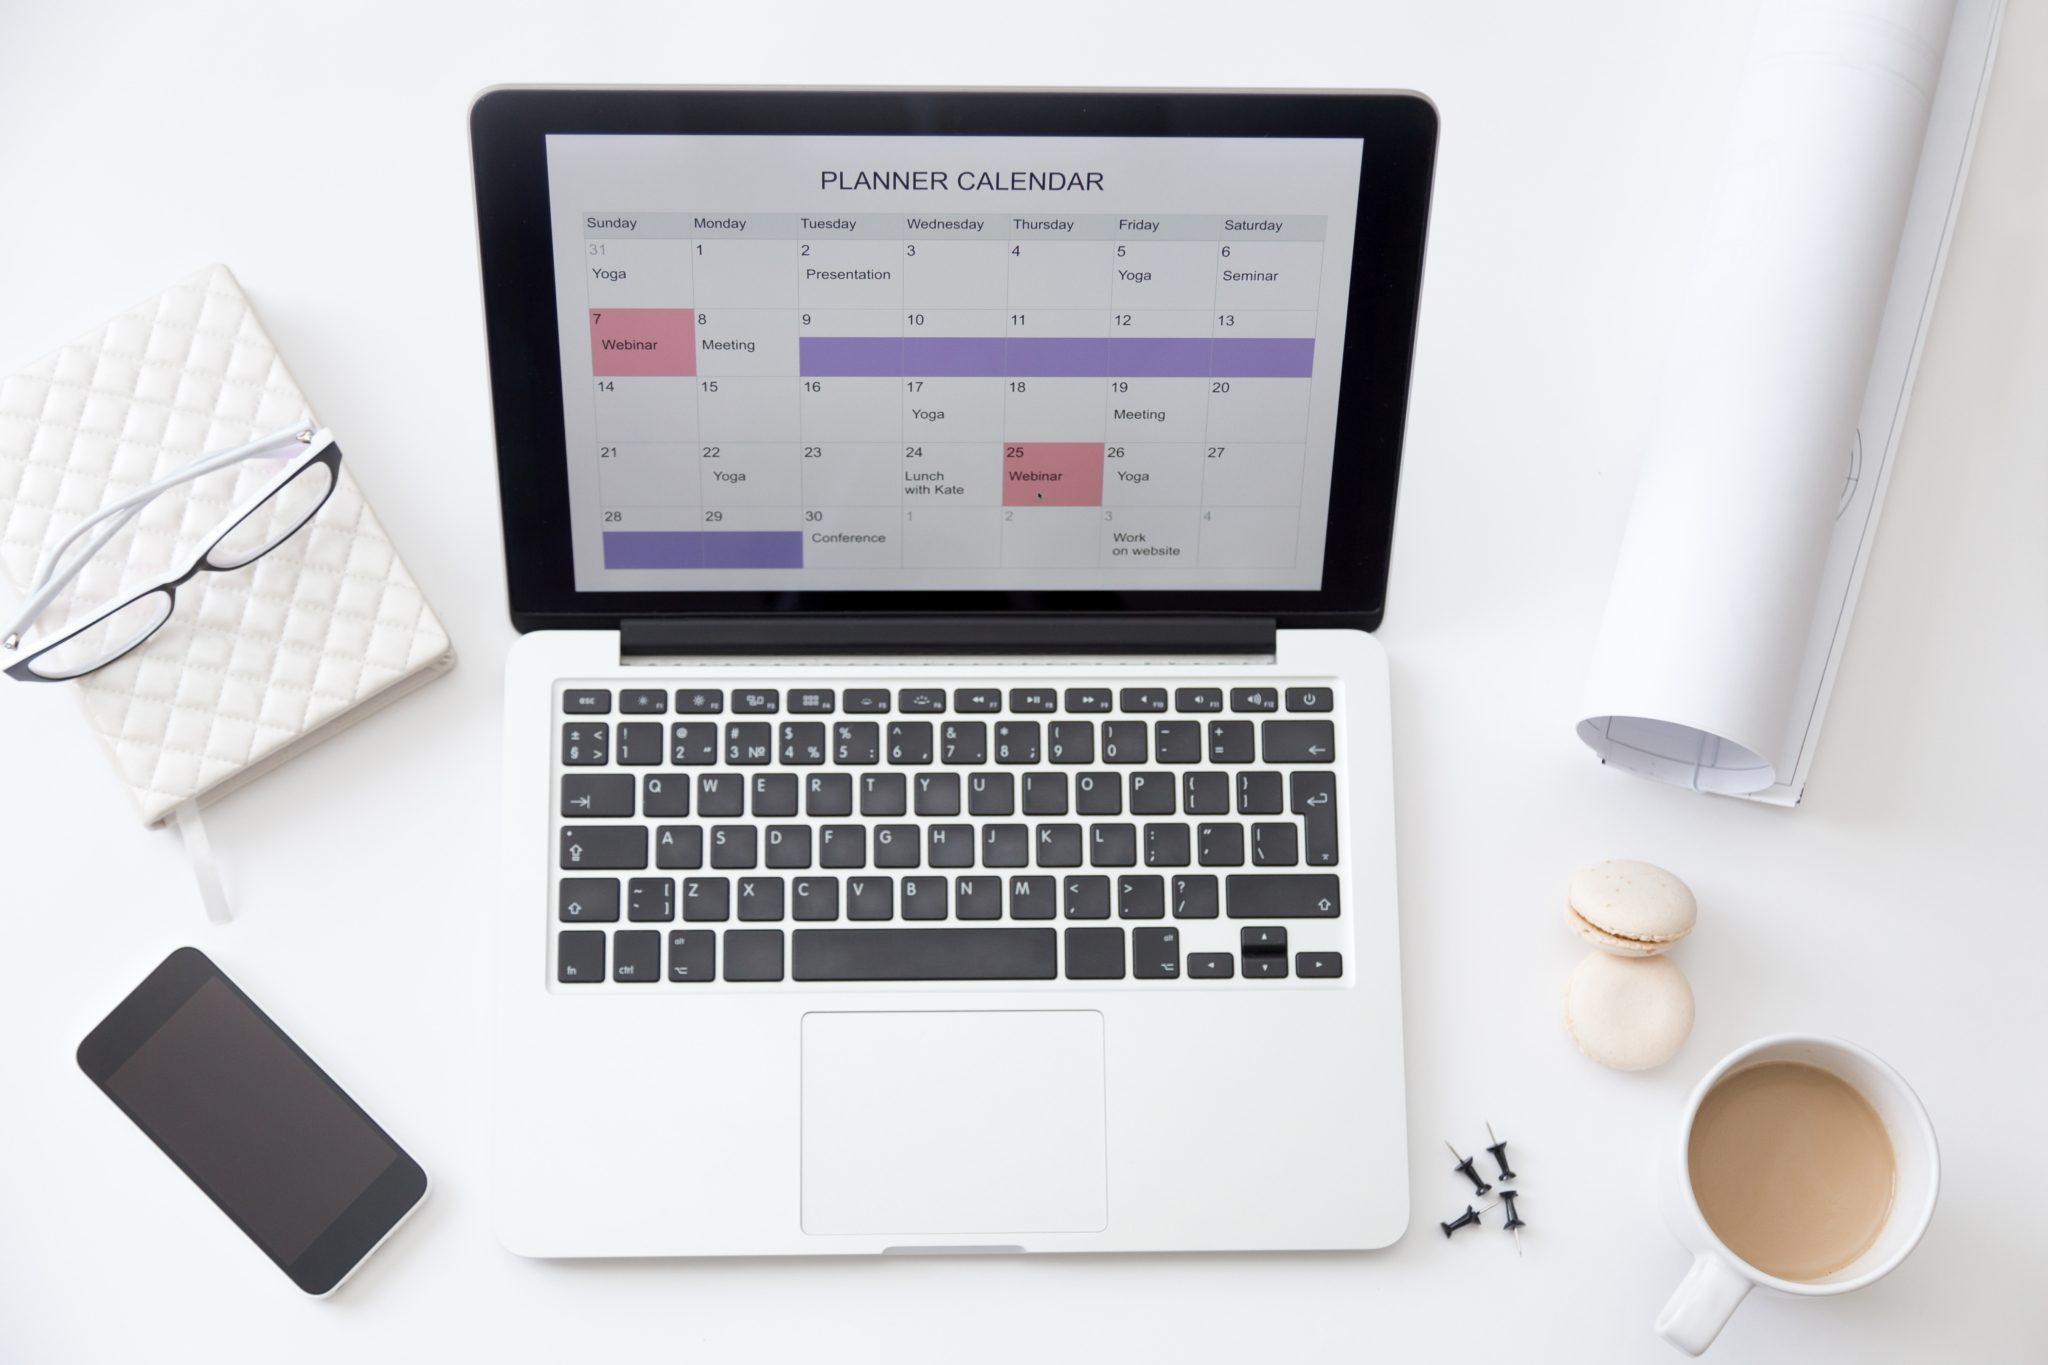 Escritorio de trabajo con ordenador portátil que muestra una aplicación de calendario en su pantalla.